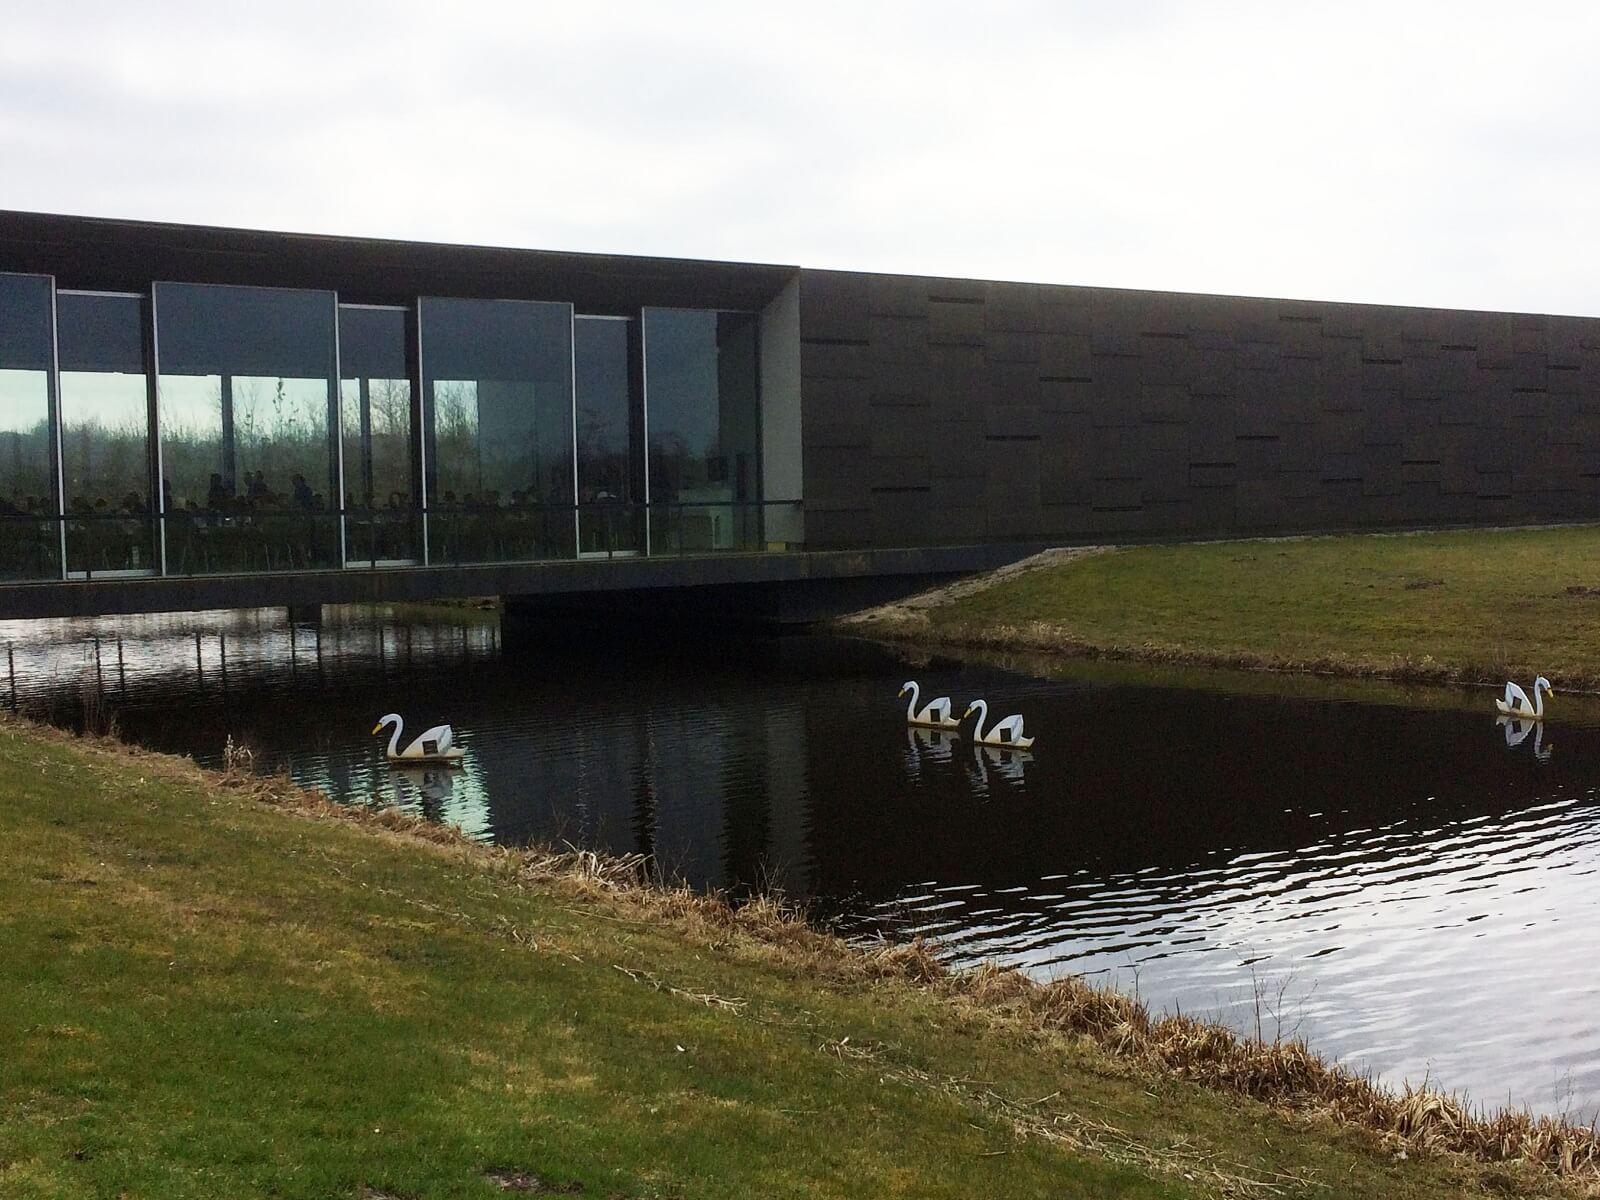 Giorgio Morandi - Heerenveen - Museum Belvedere